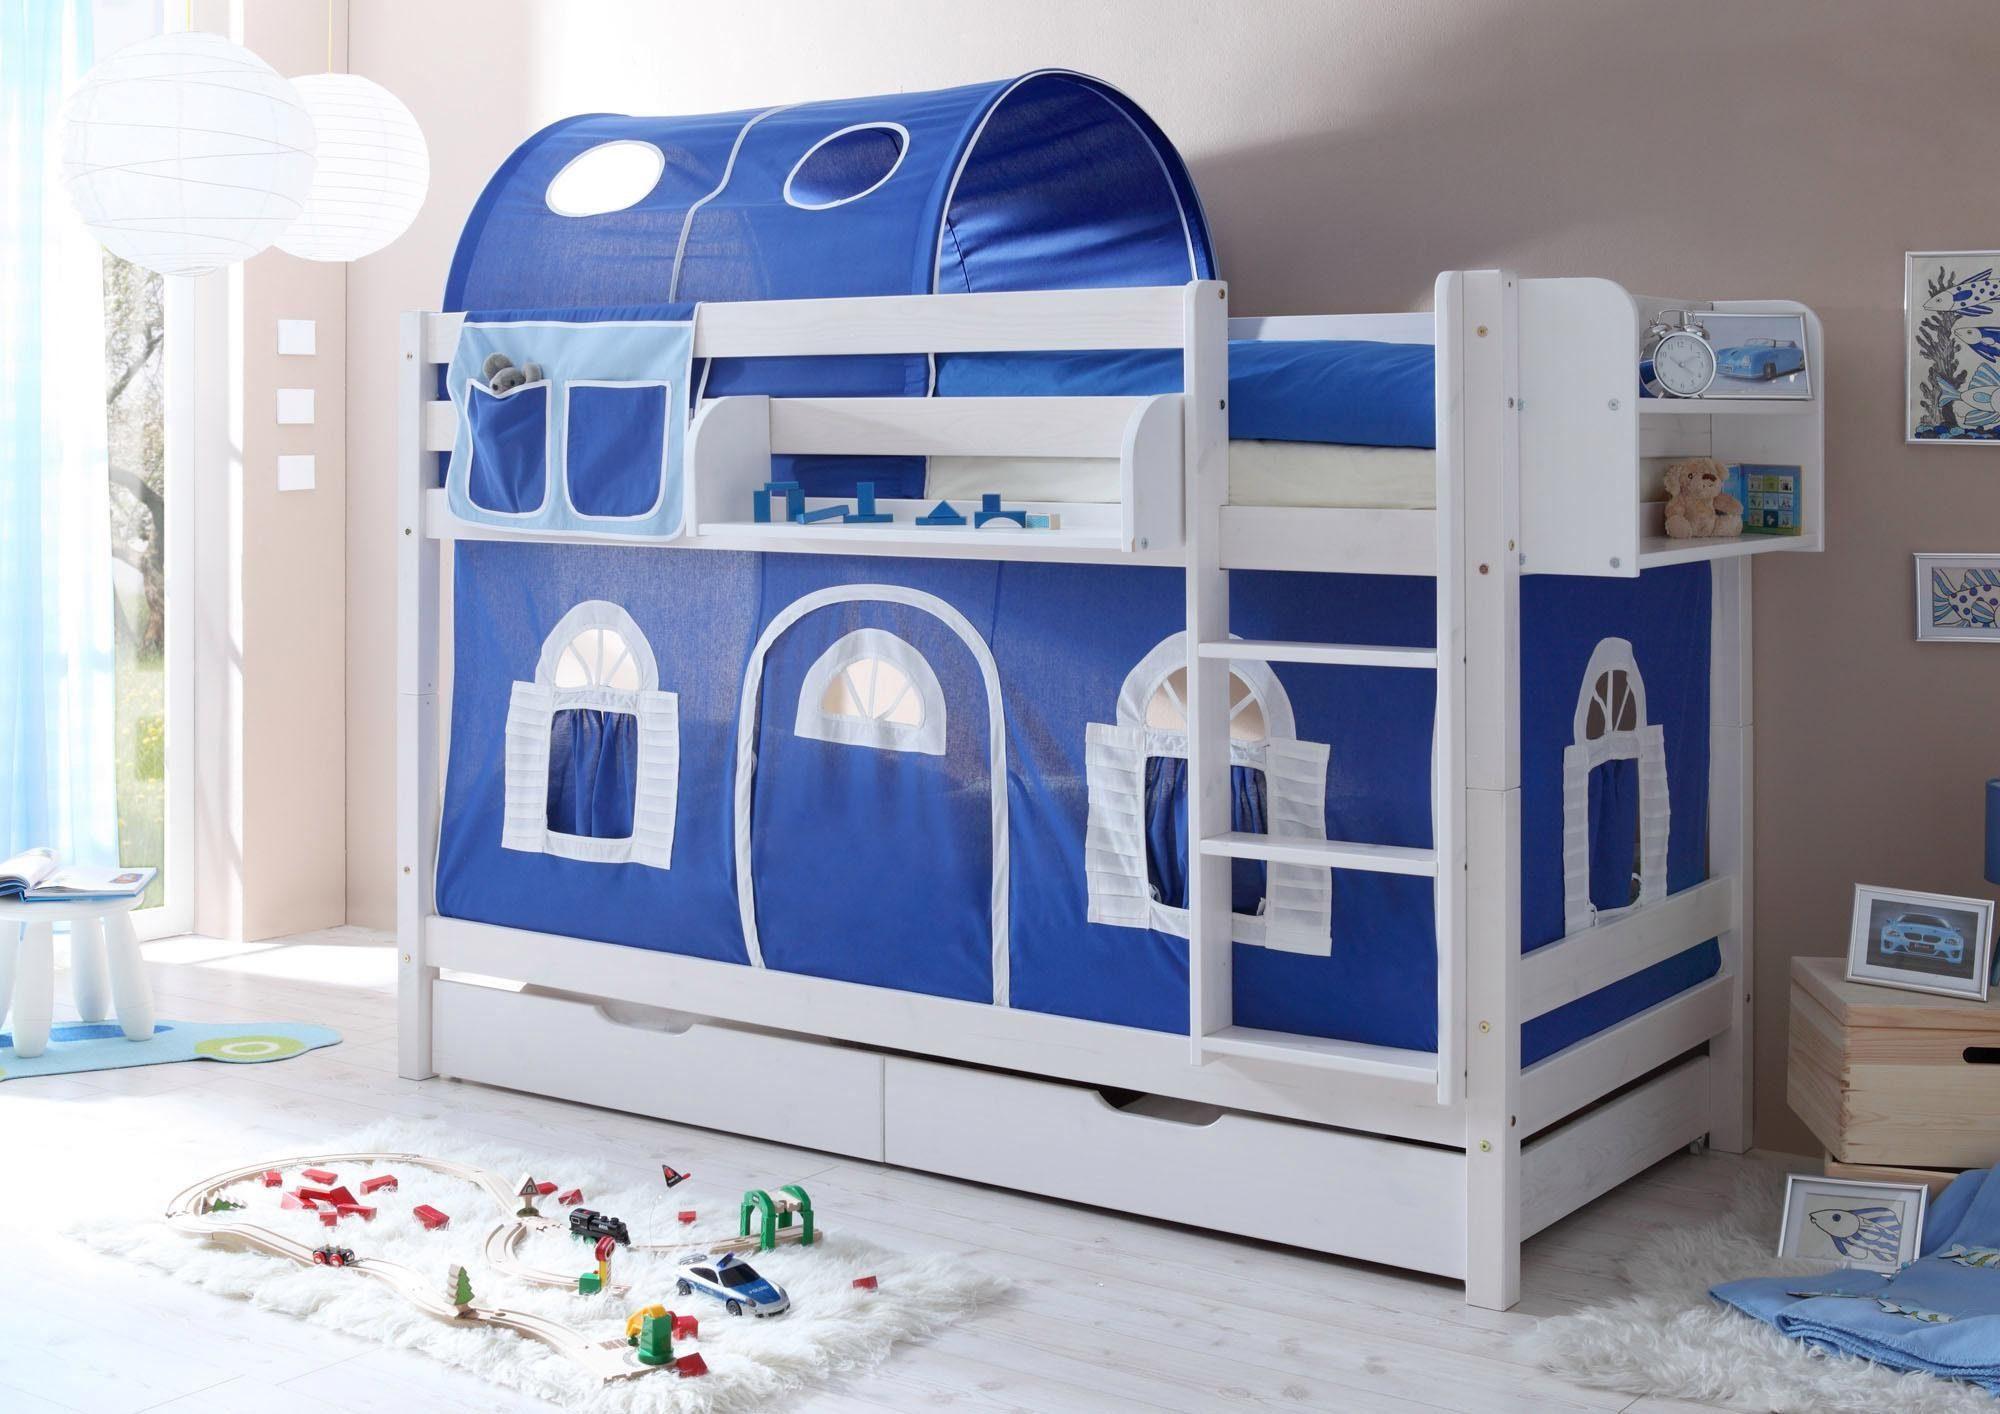 Etagenbett Für Zwei : Etagenbett mads buche massiv weiß zwei schlafplätze cm